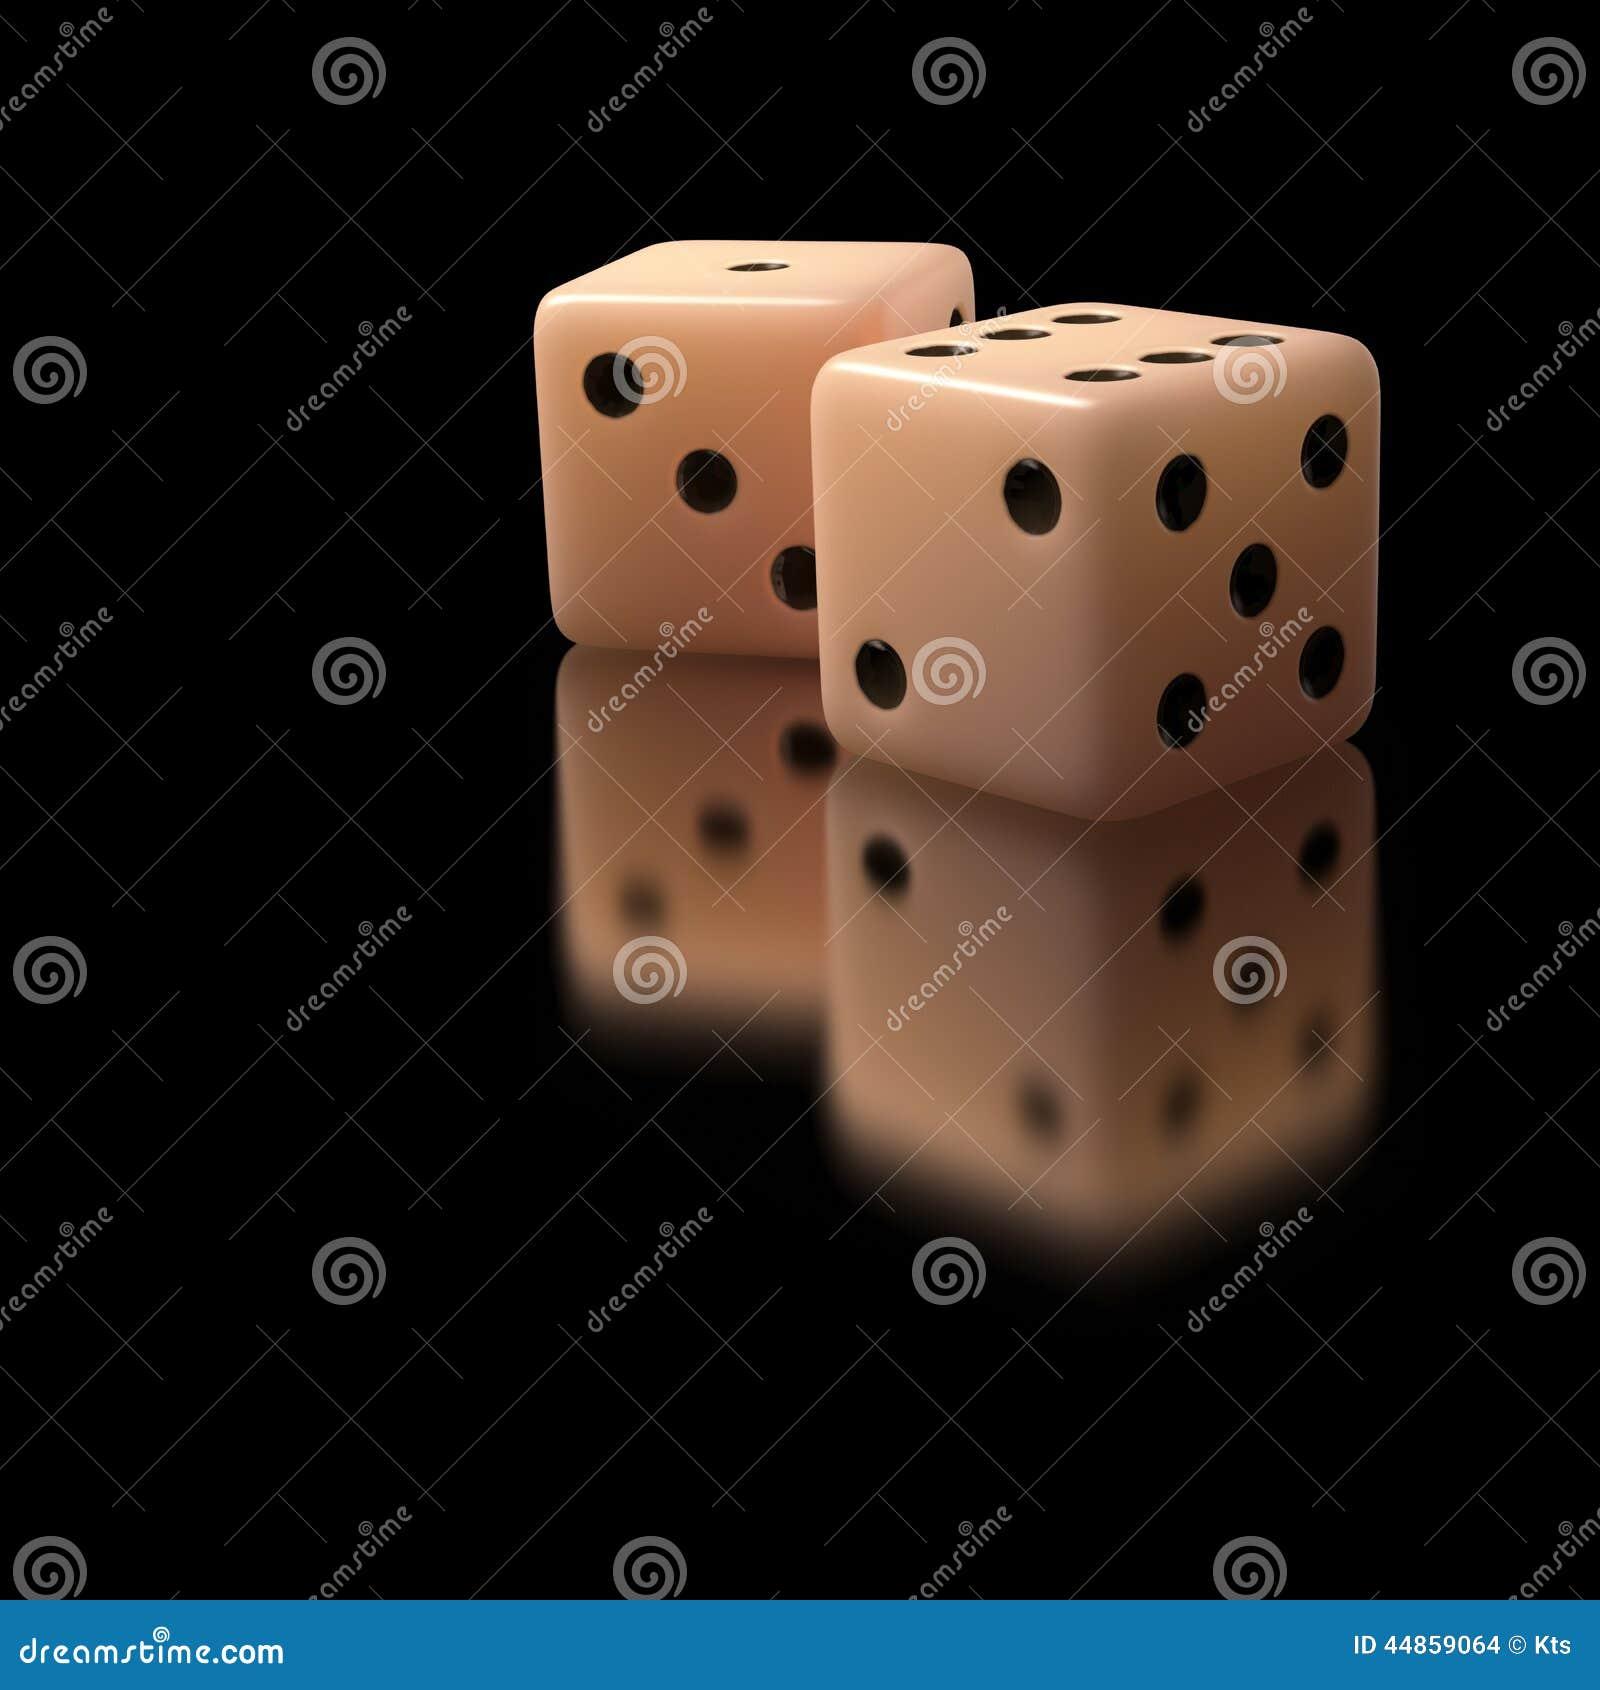 Dice gambling multiple games tibia